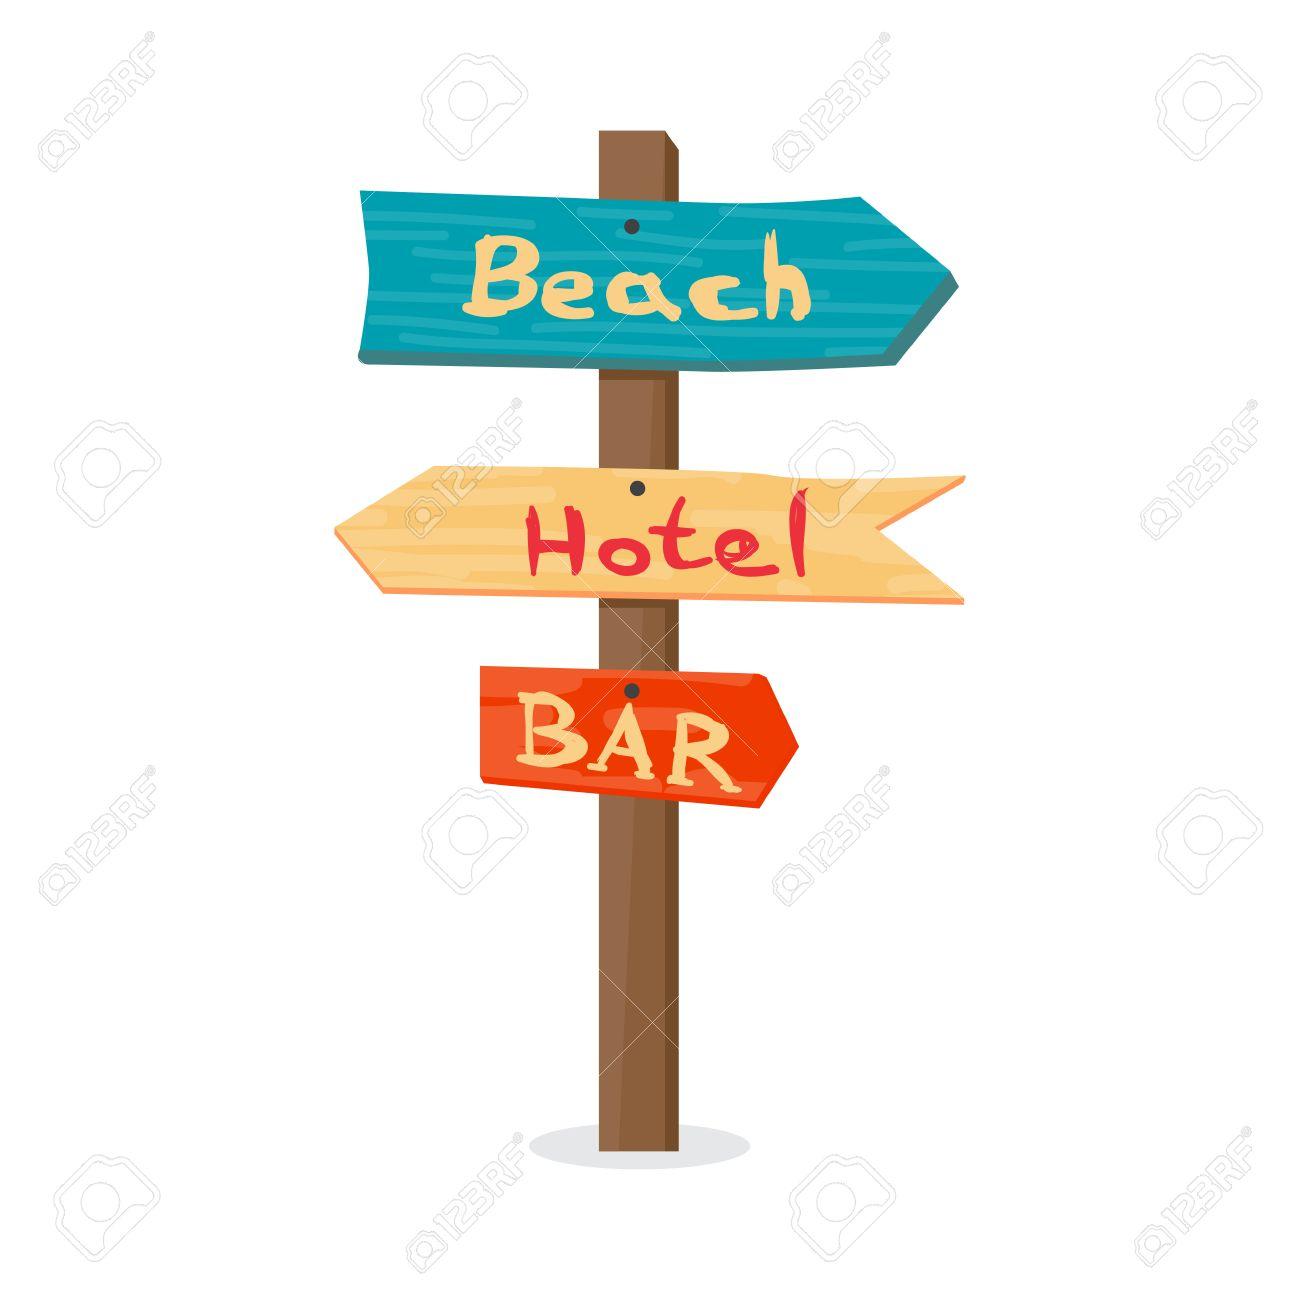 Pointeur En Bois Vers La Plage L Hôtel Au Bar Panneau D Affichage D été Illustration Vectorielle De Dessin Animé Sur Fond Blanc Isolé